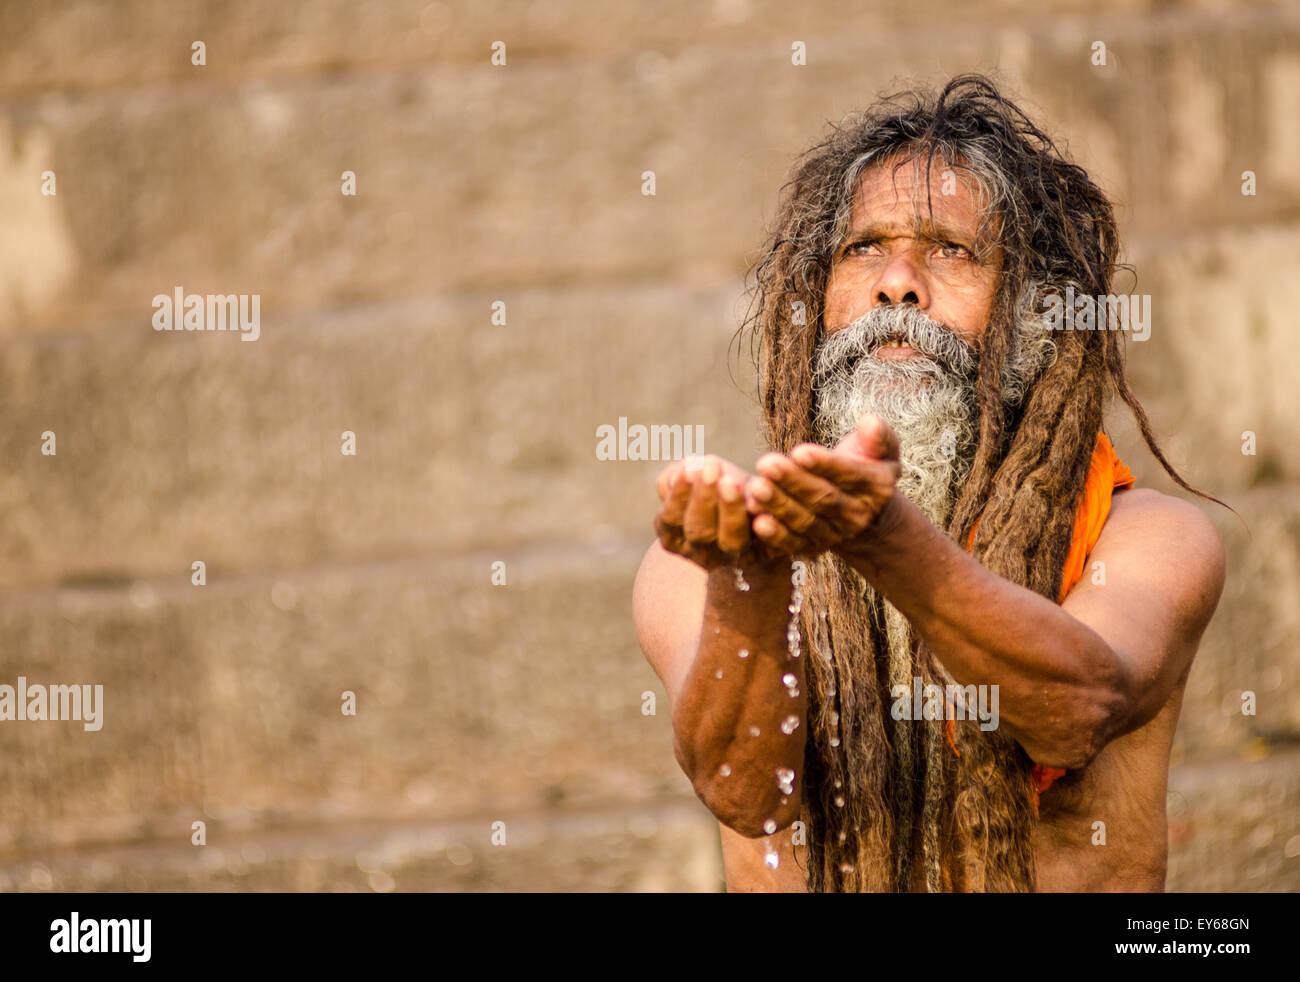 Sadhu praying at Ganges - Stock Image